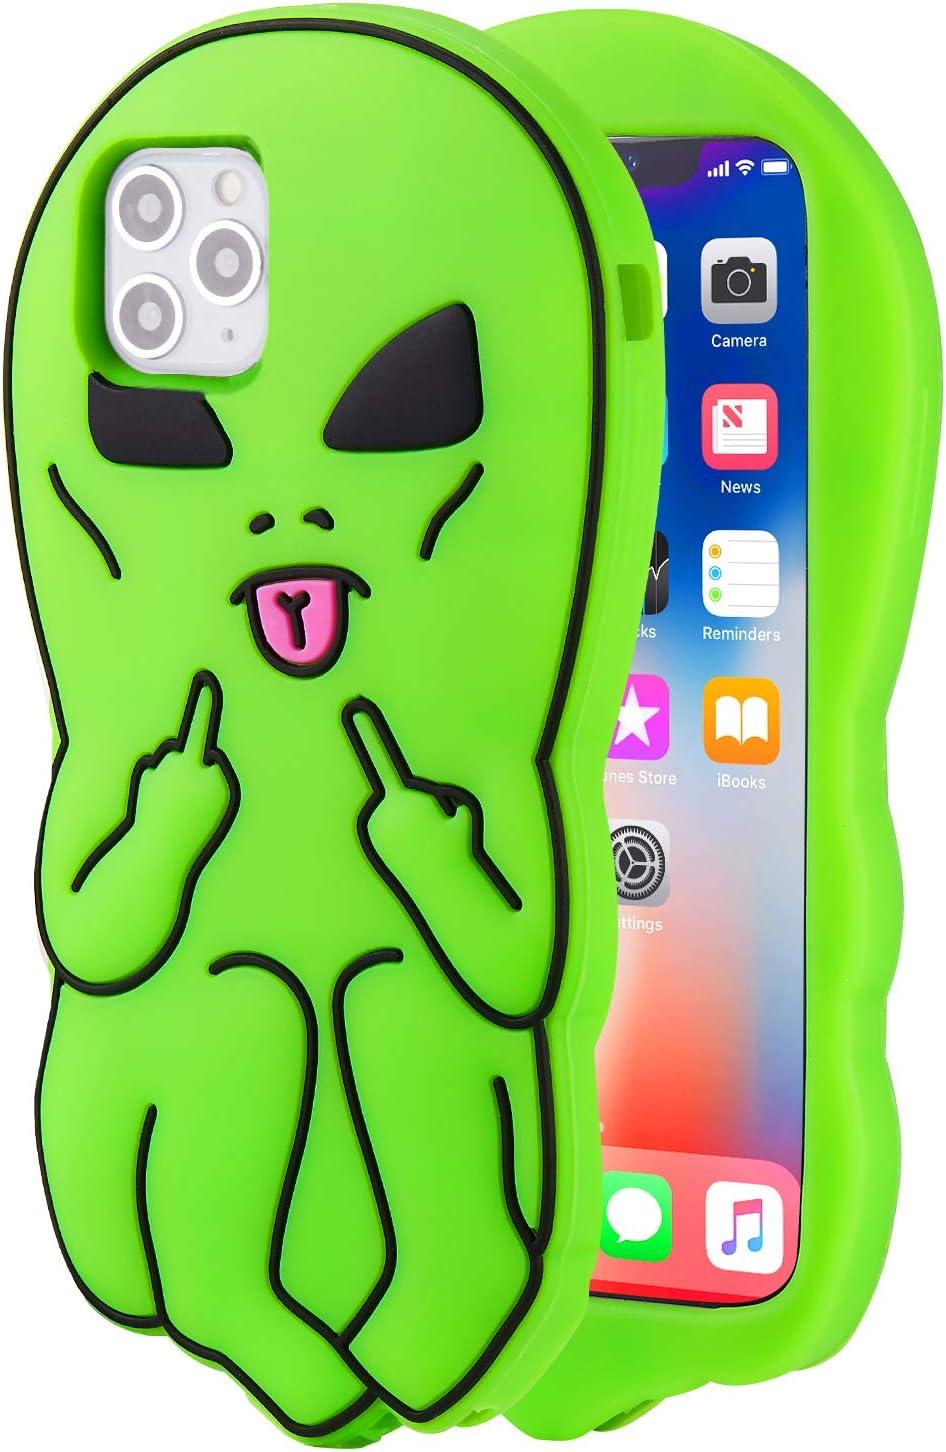 Unique Alien designs soft cases and covers iPhone 11 iphone case iPhone 12 Max case iPhone XR case iPhone 12 case iPhone 8 Plus case